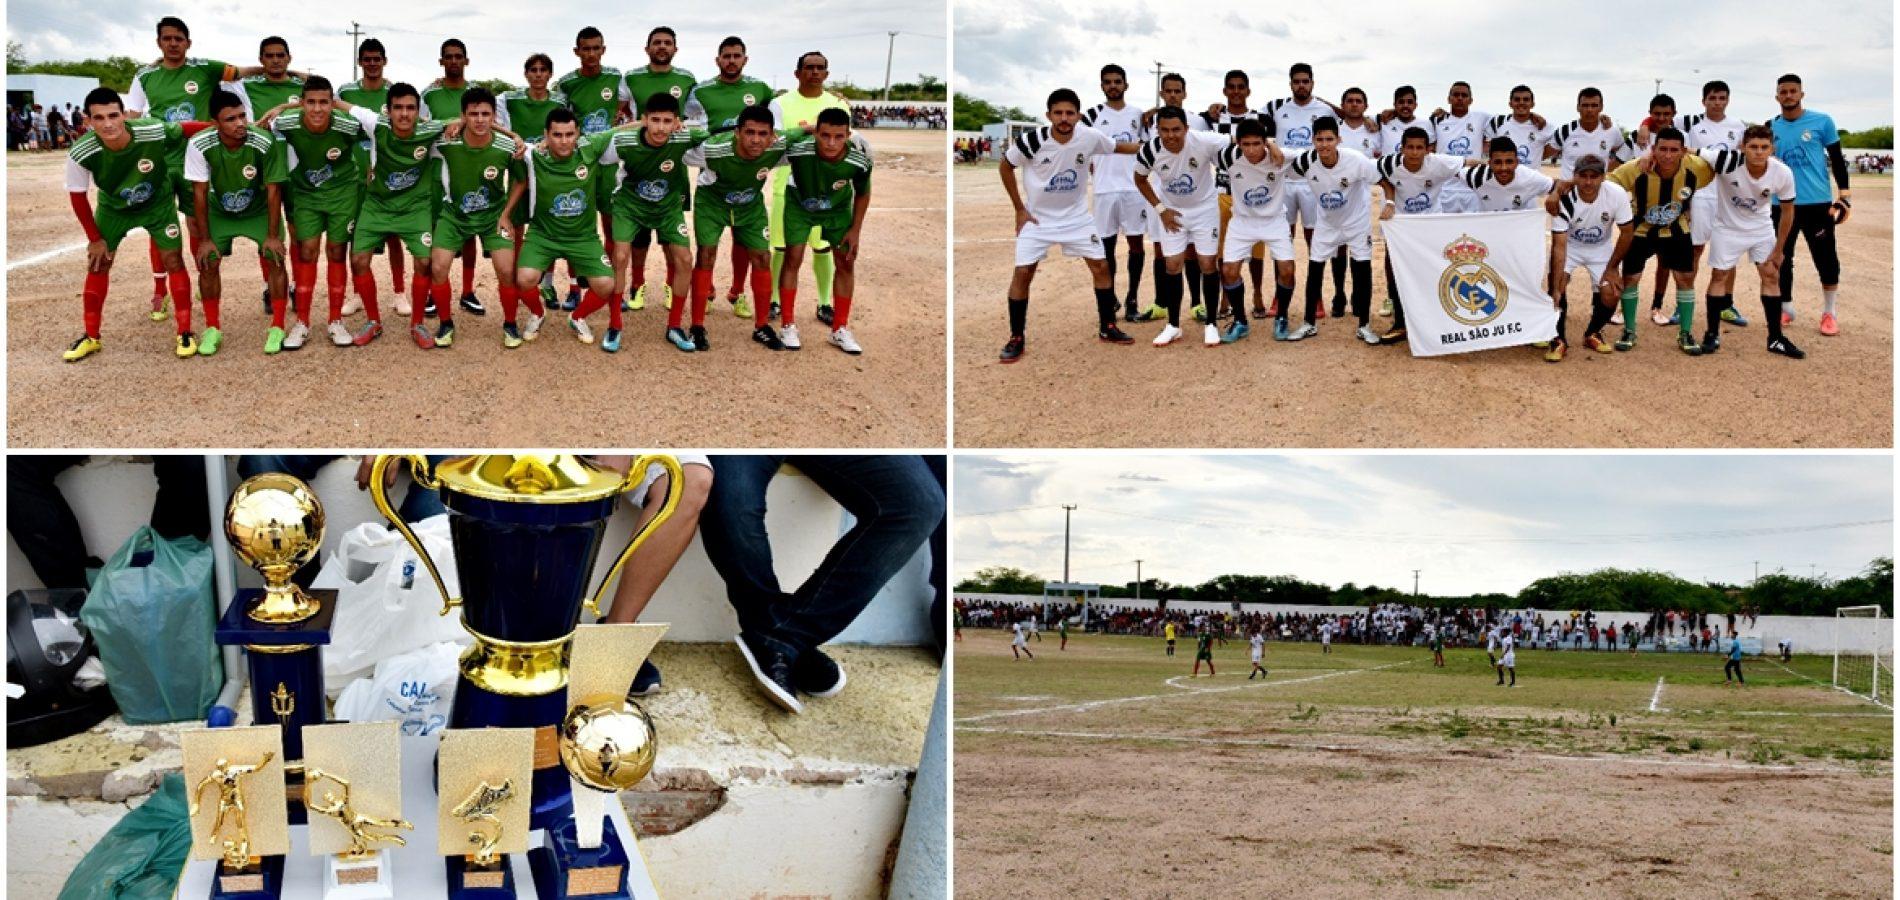 Juventude vence e conquista 12º título no Campeonato Sãojuliãoense de Futebol 2018